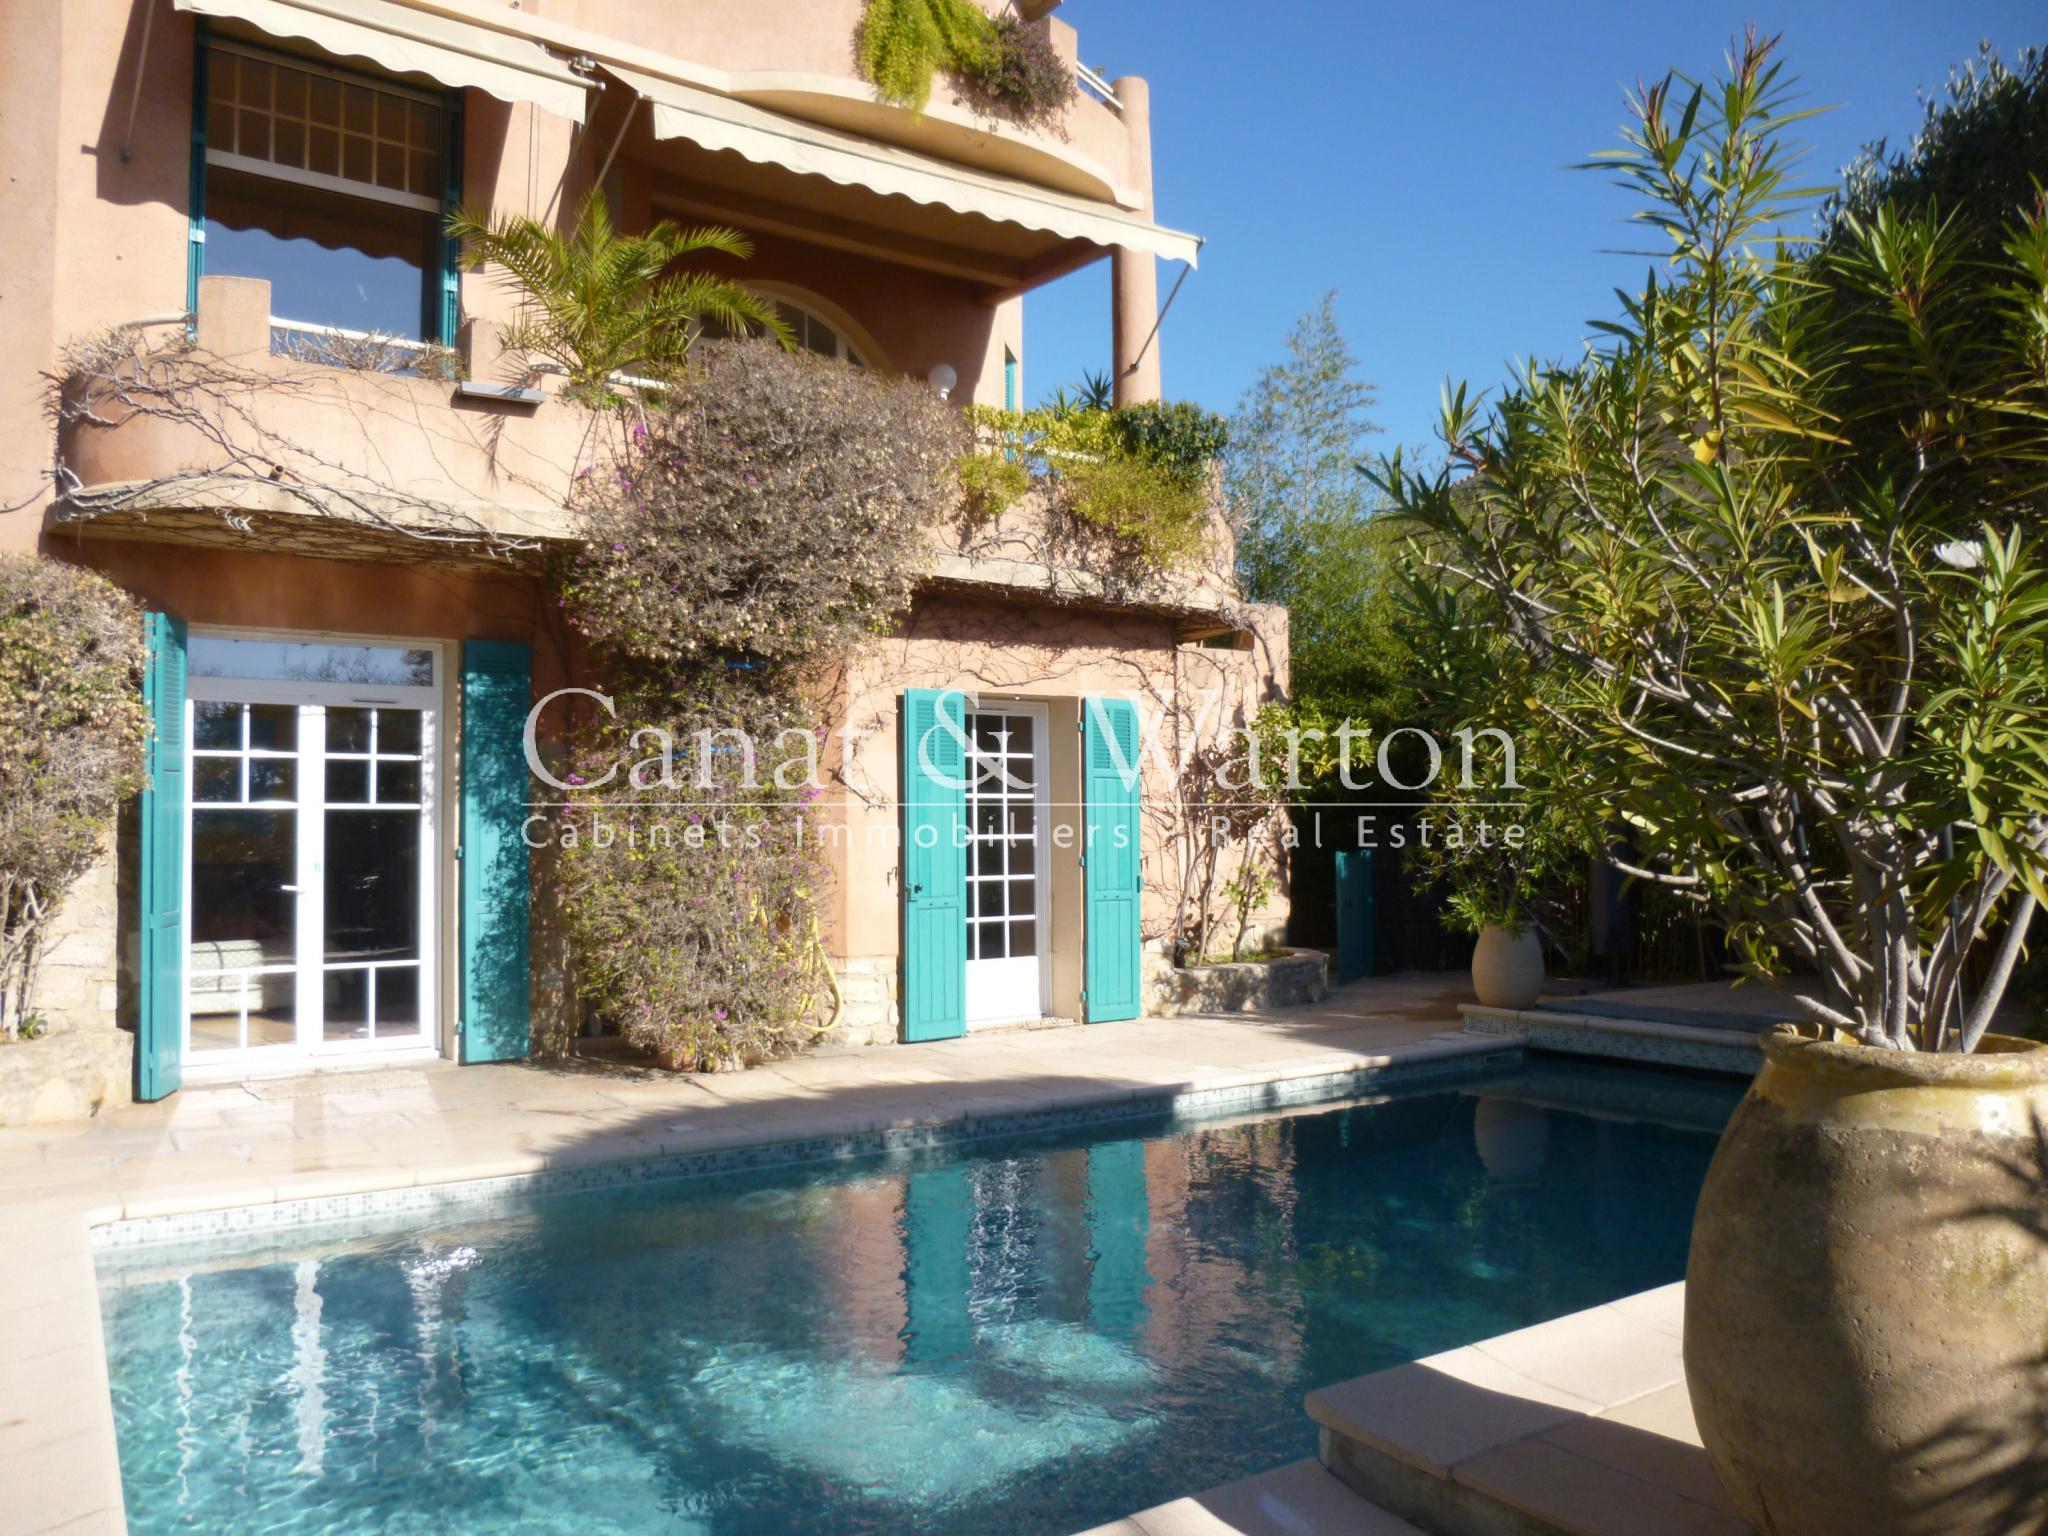 Vente VILLA TOULON CAP-BRUN Toulon - maison / villa à vendre Toulon